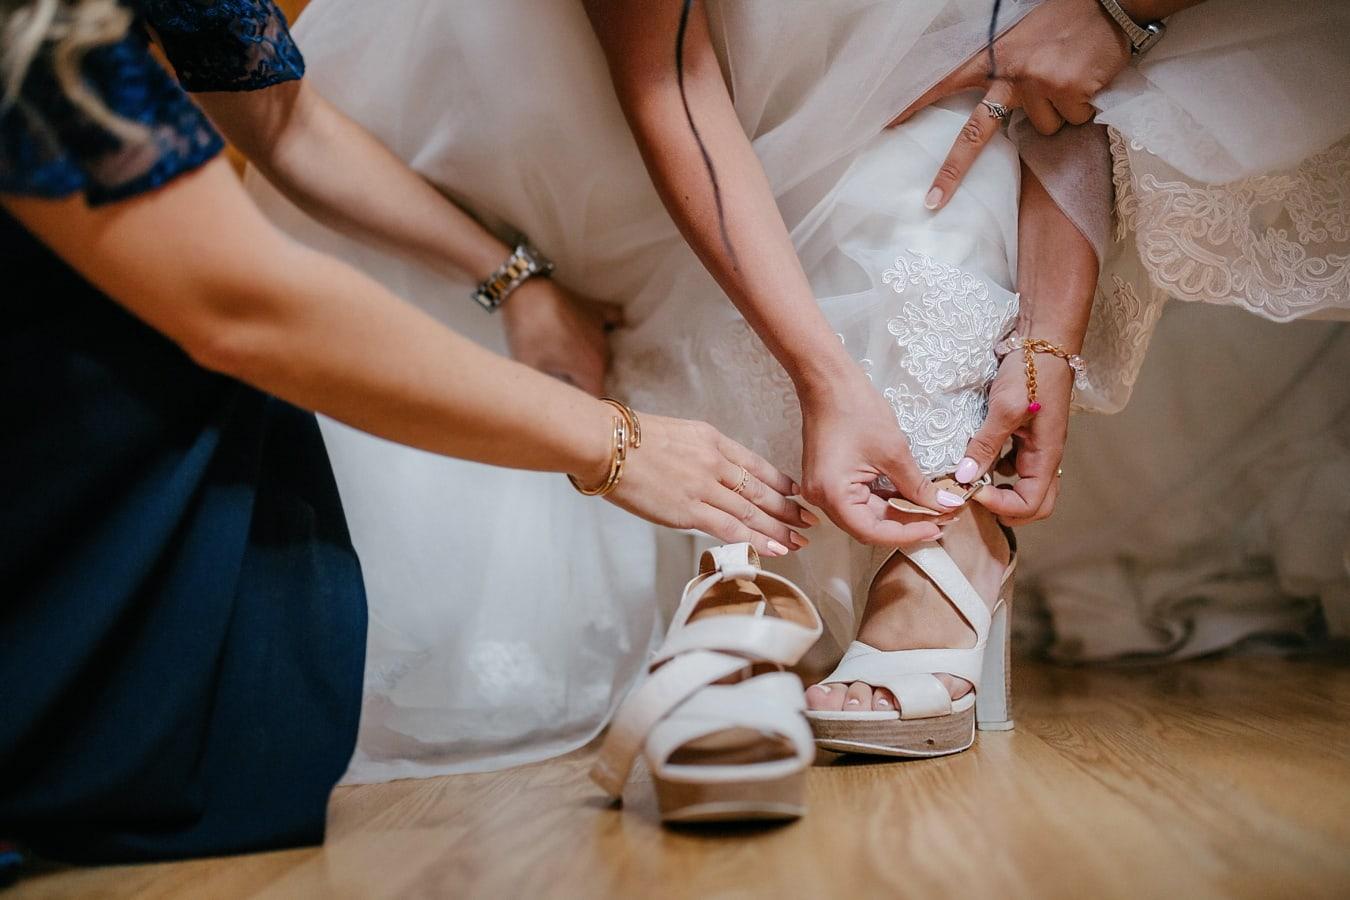 sandal, white, fancy, wedding dress, bracelet, hands, jewelry, girl, woman, bride